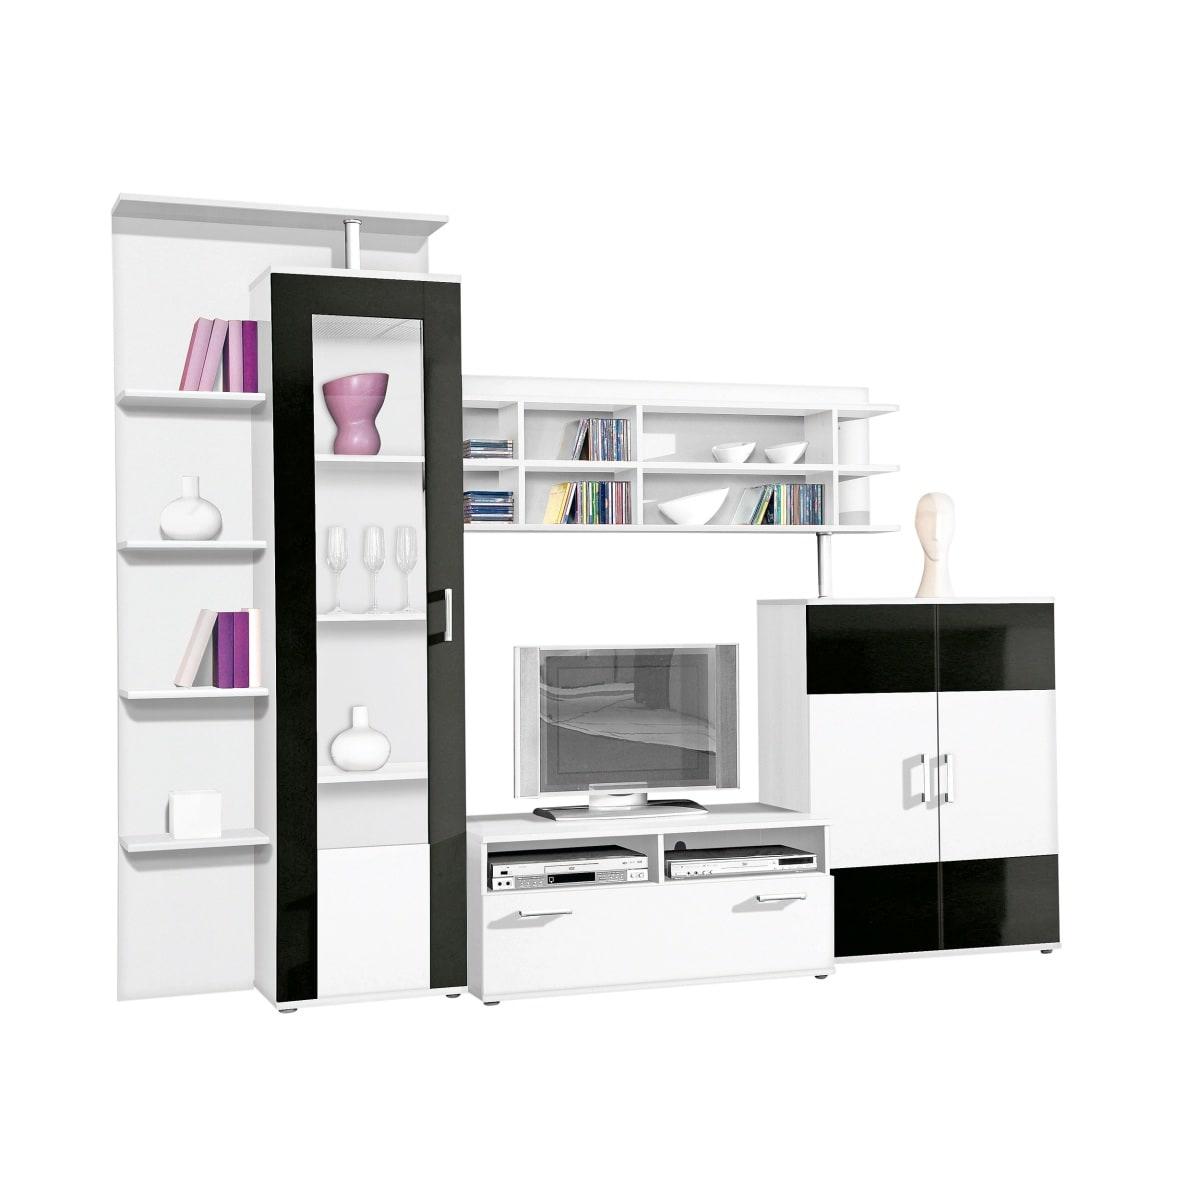 wohnwand fable wei schwarz wohnw nde wohnen m bel boss. Black Bedroom Furniture Sets. Home Design Ideas